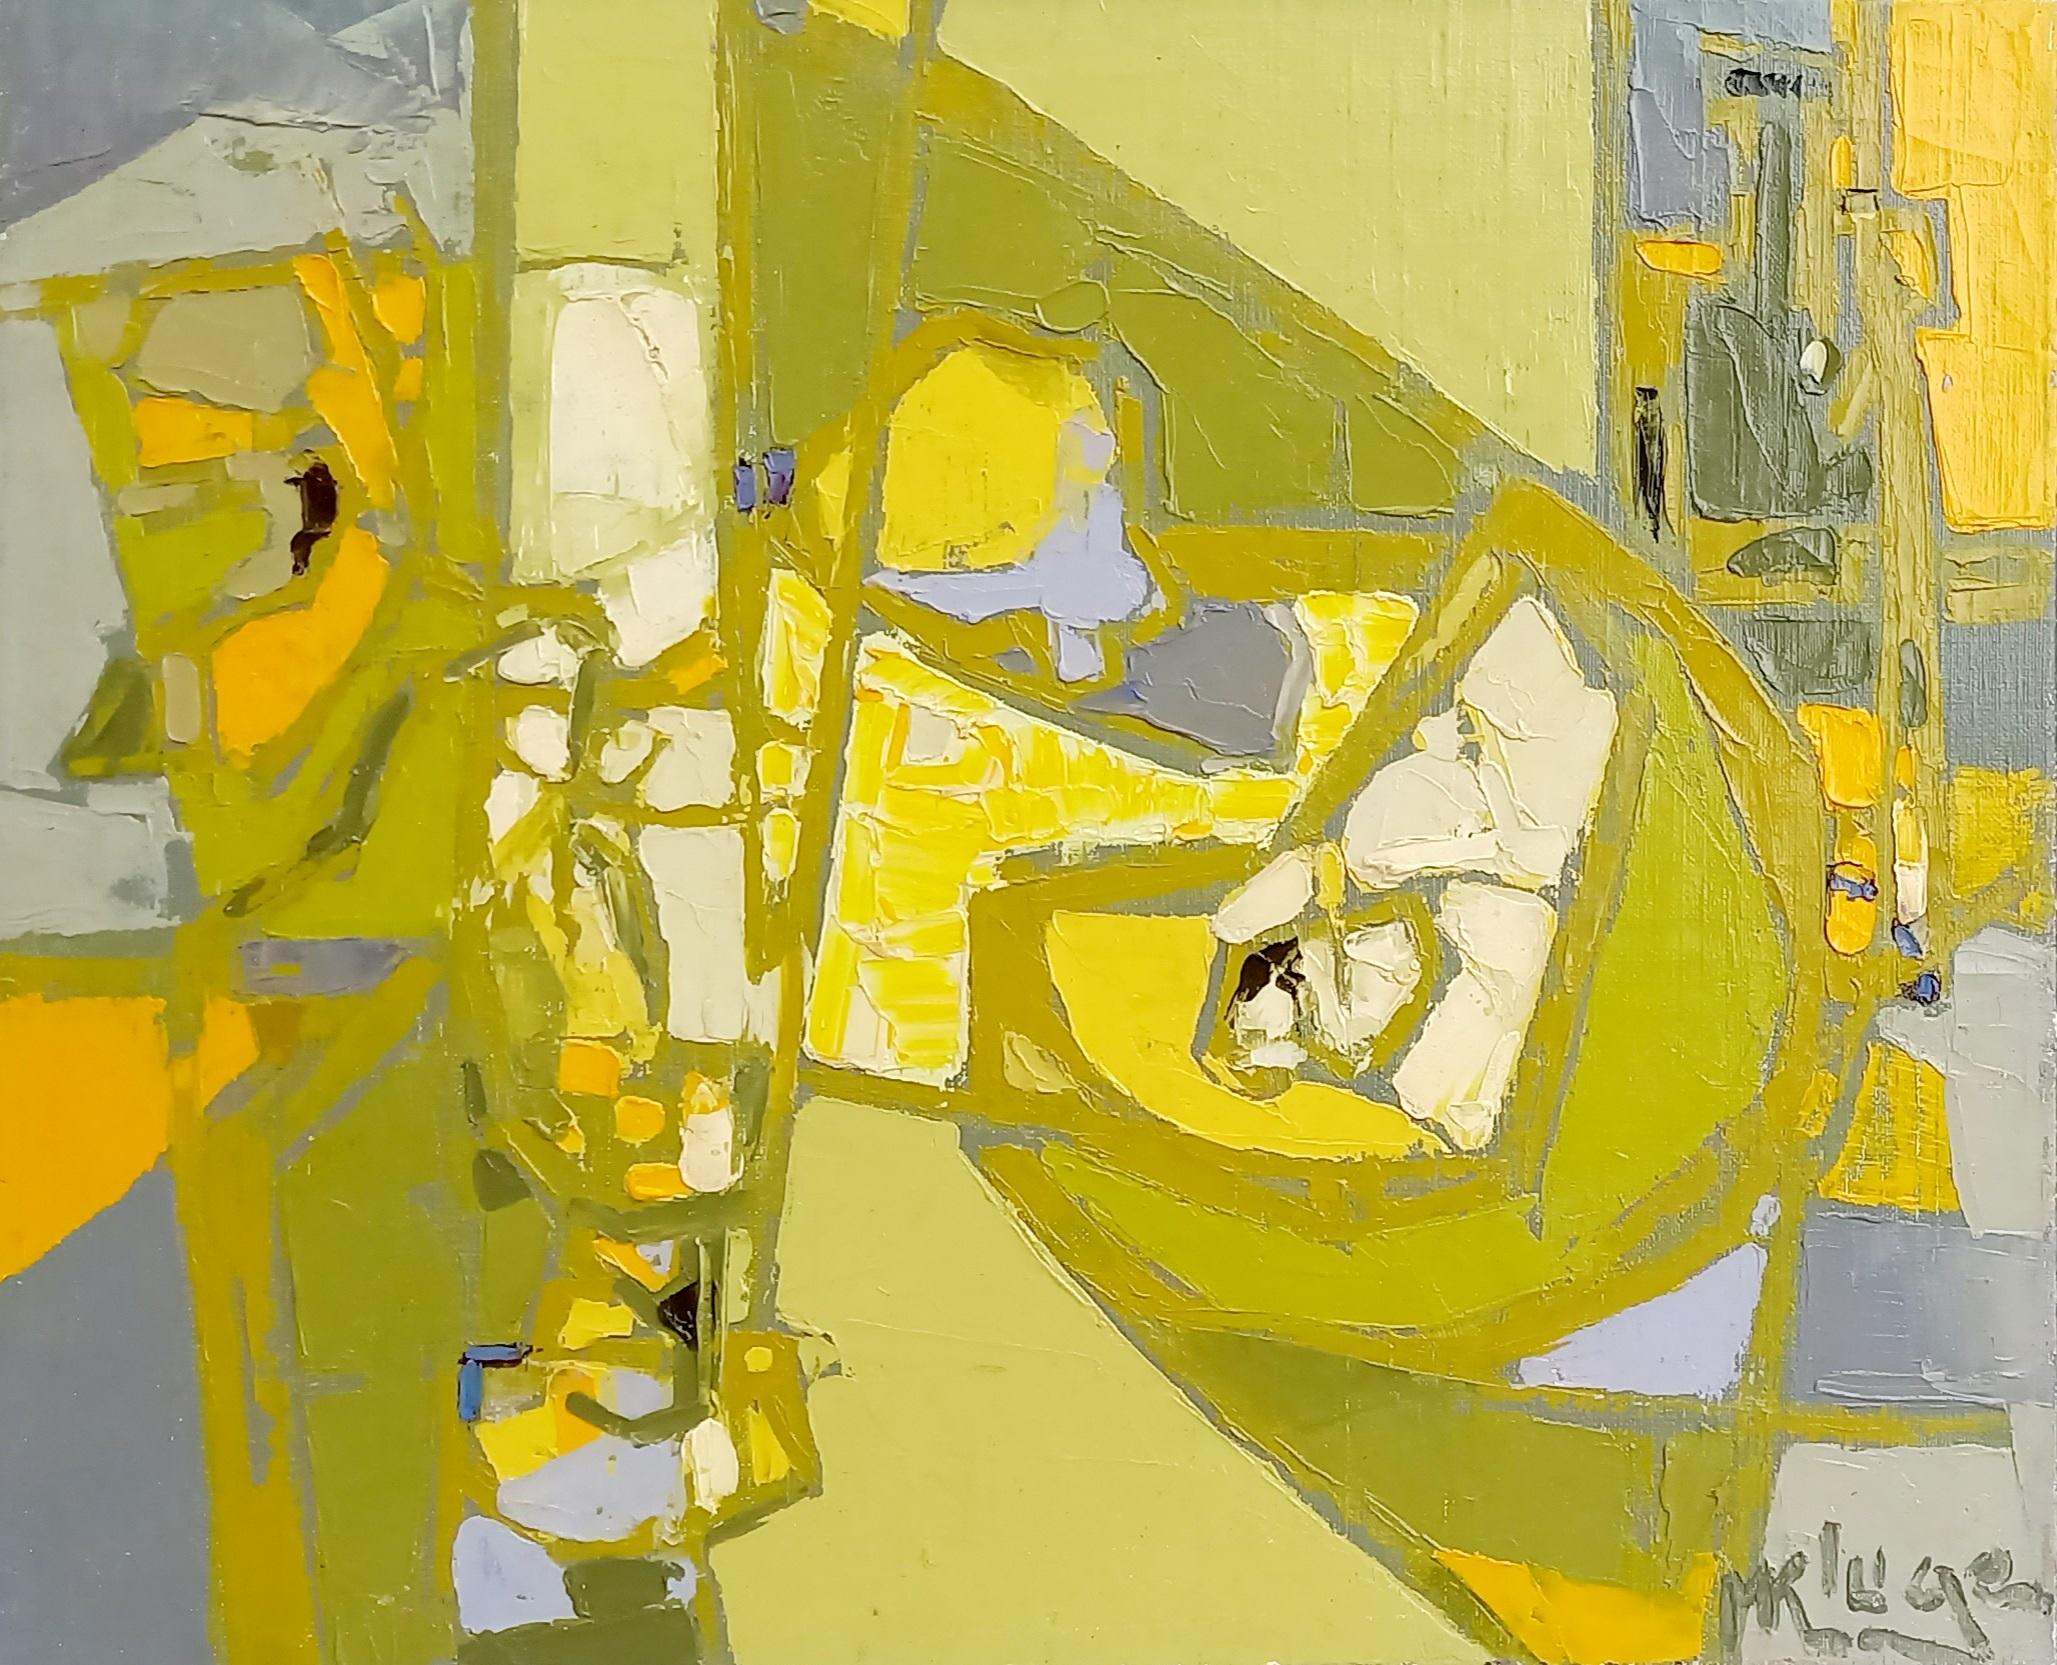 kluge-michel-nature-morte-jaune